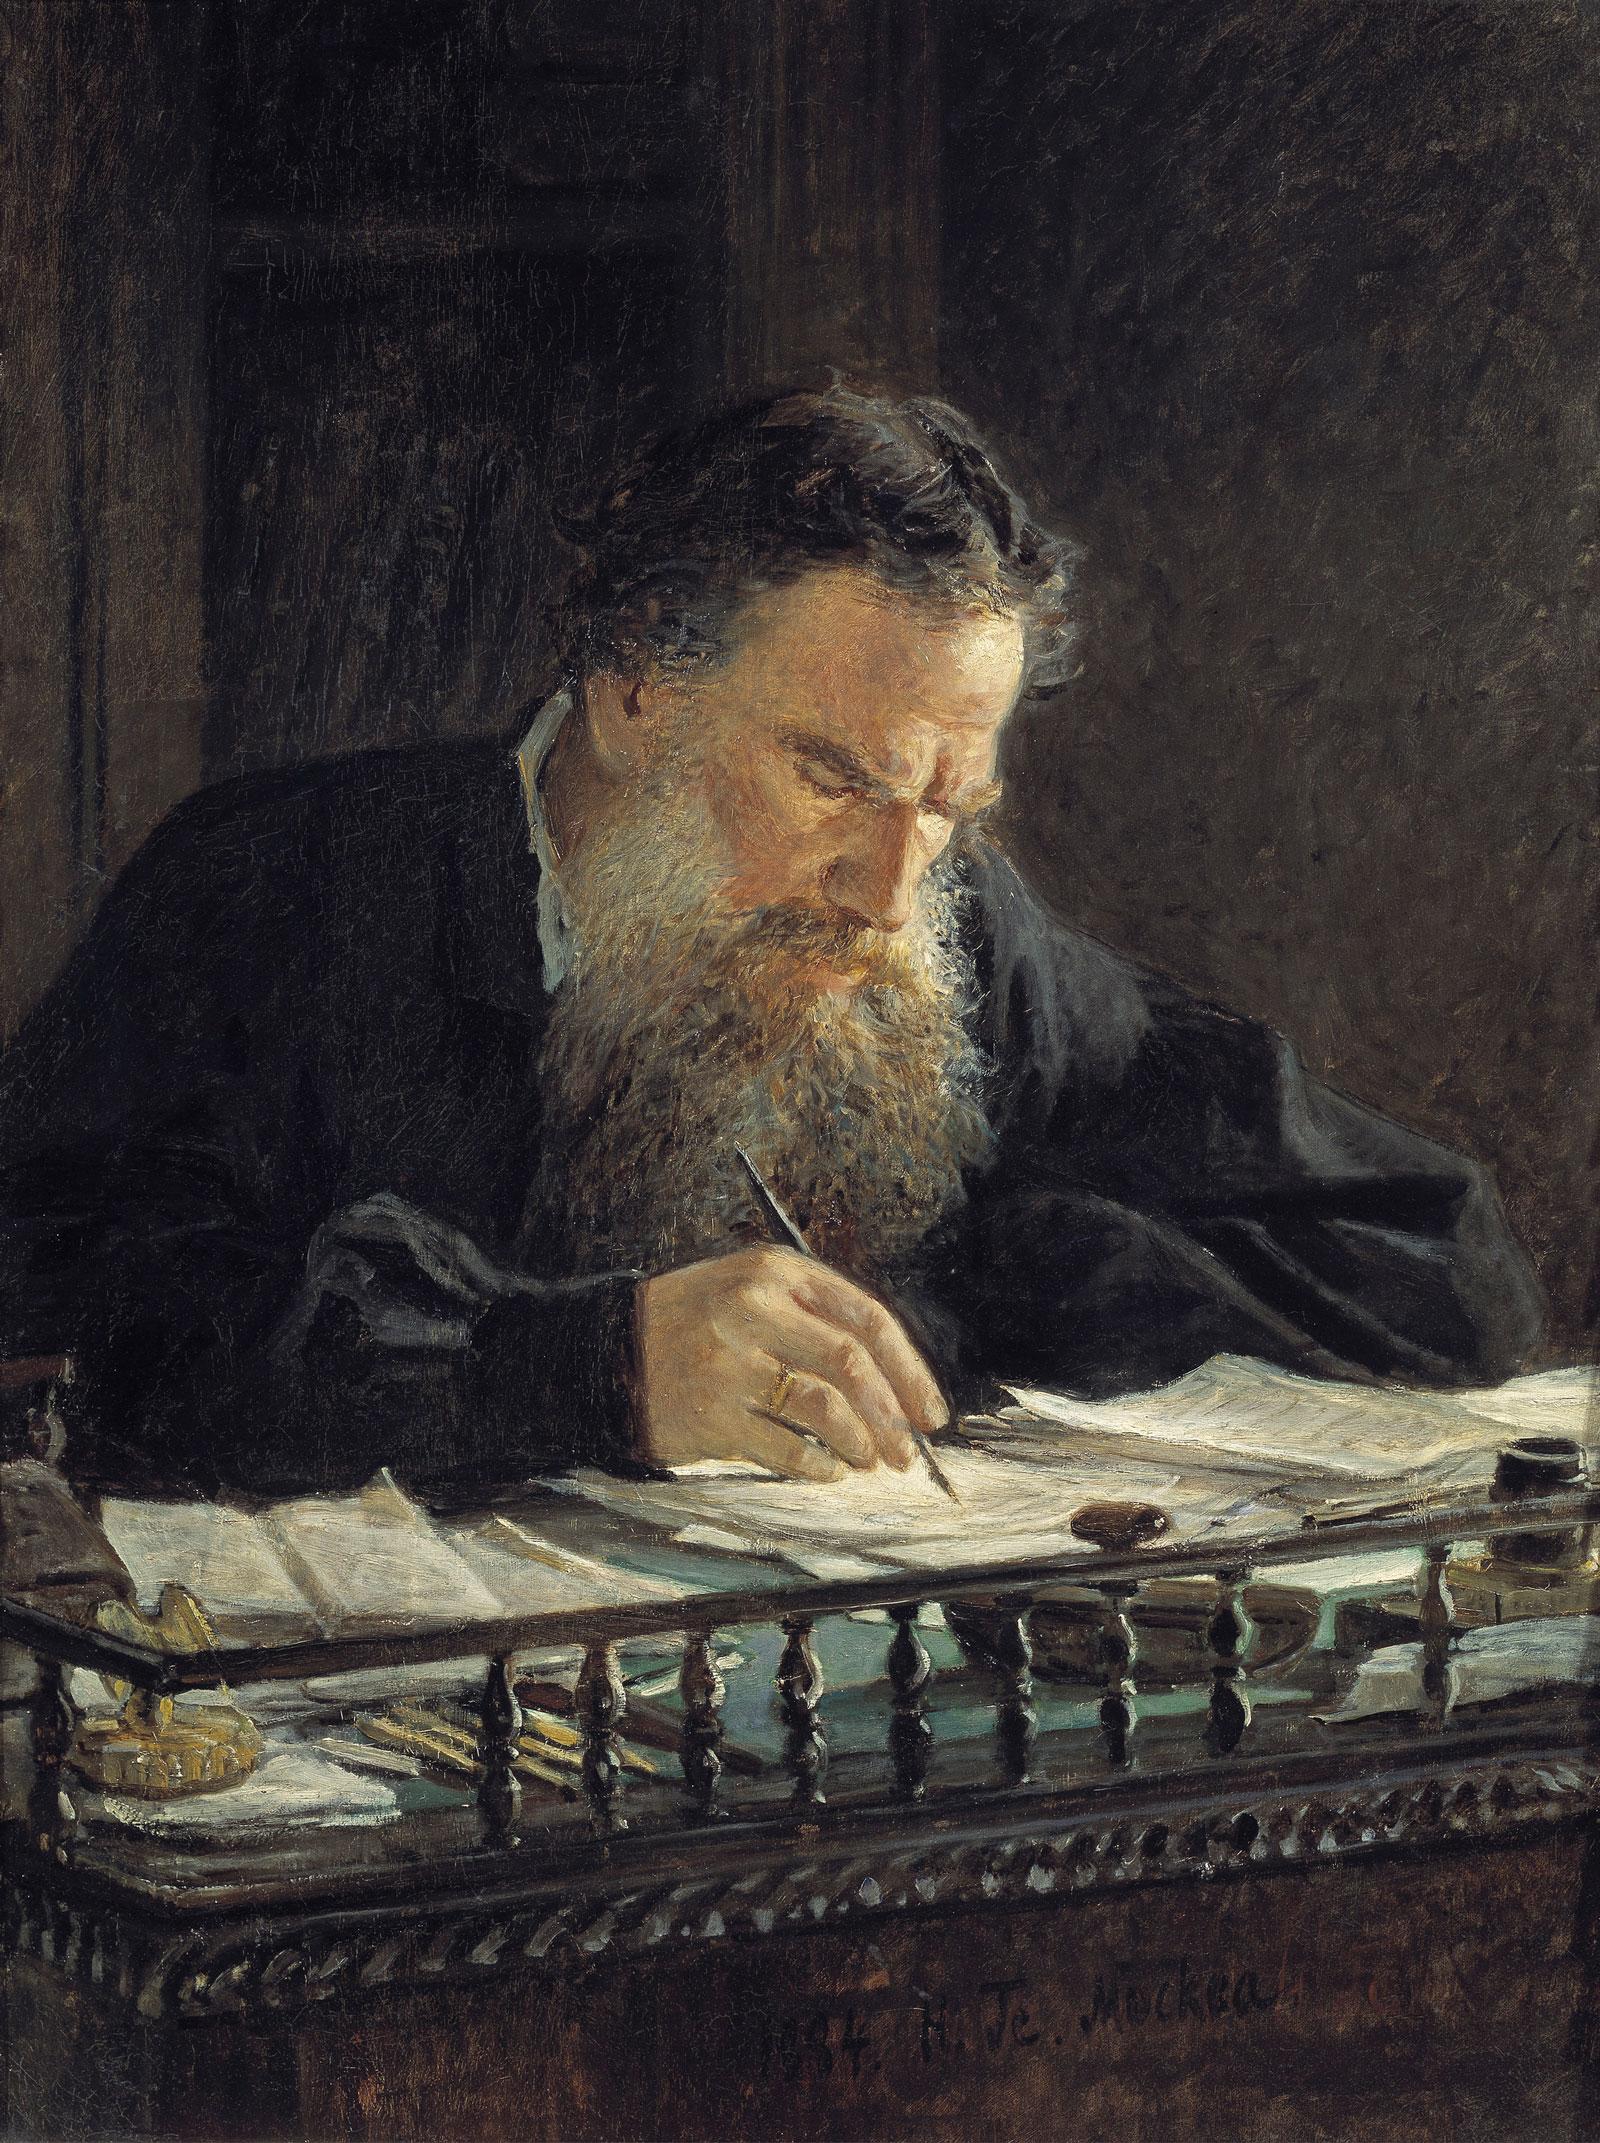 Nikolai Ge: Leo Tolstoy, 1884